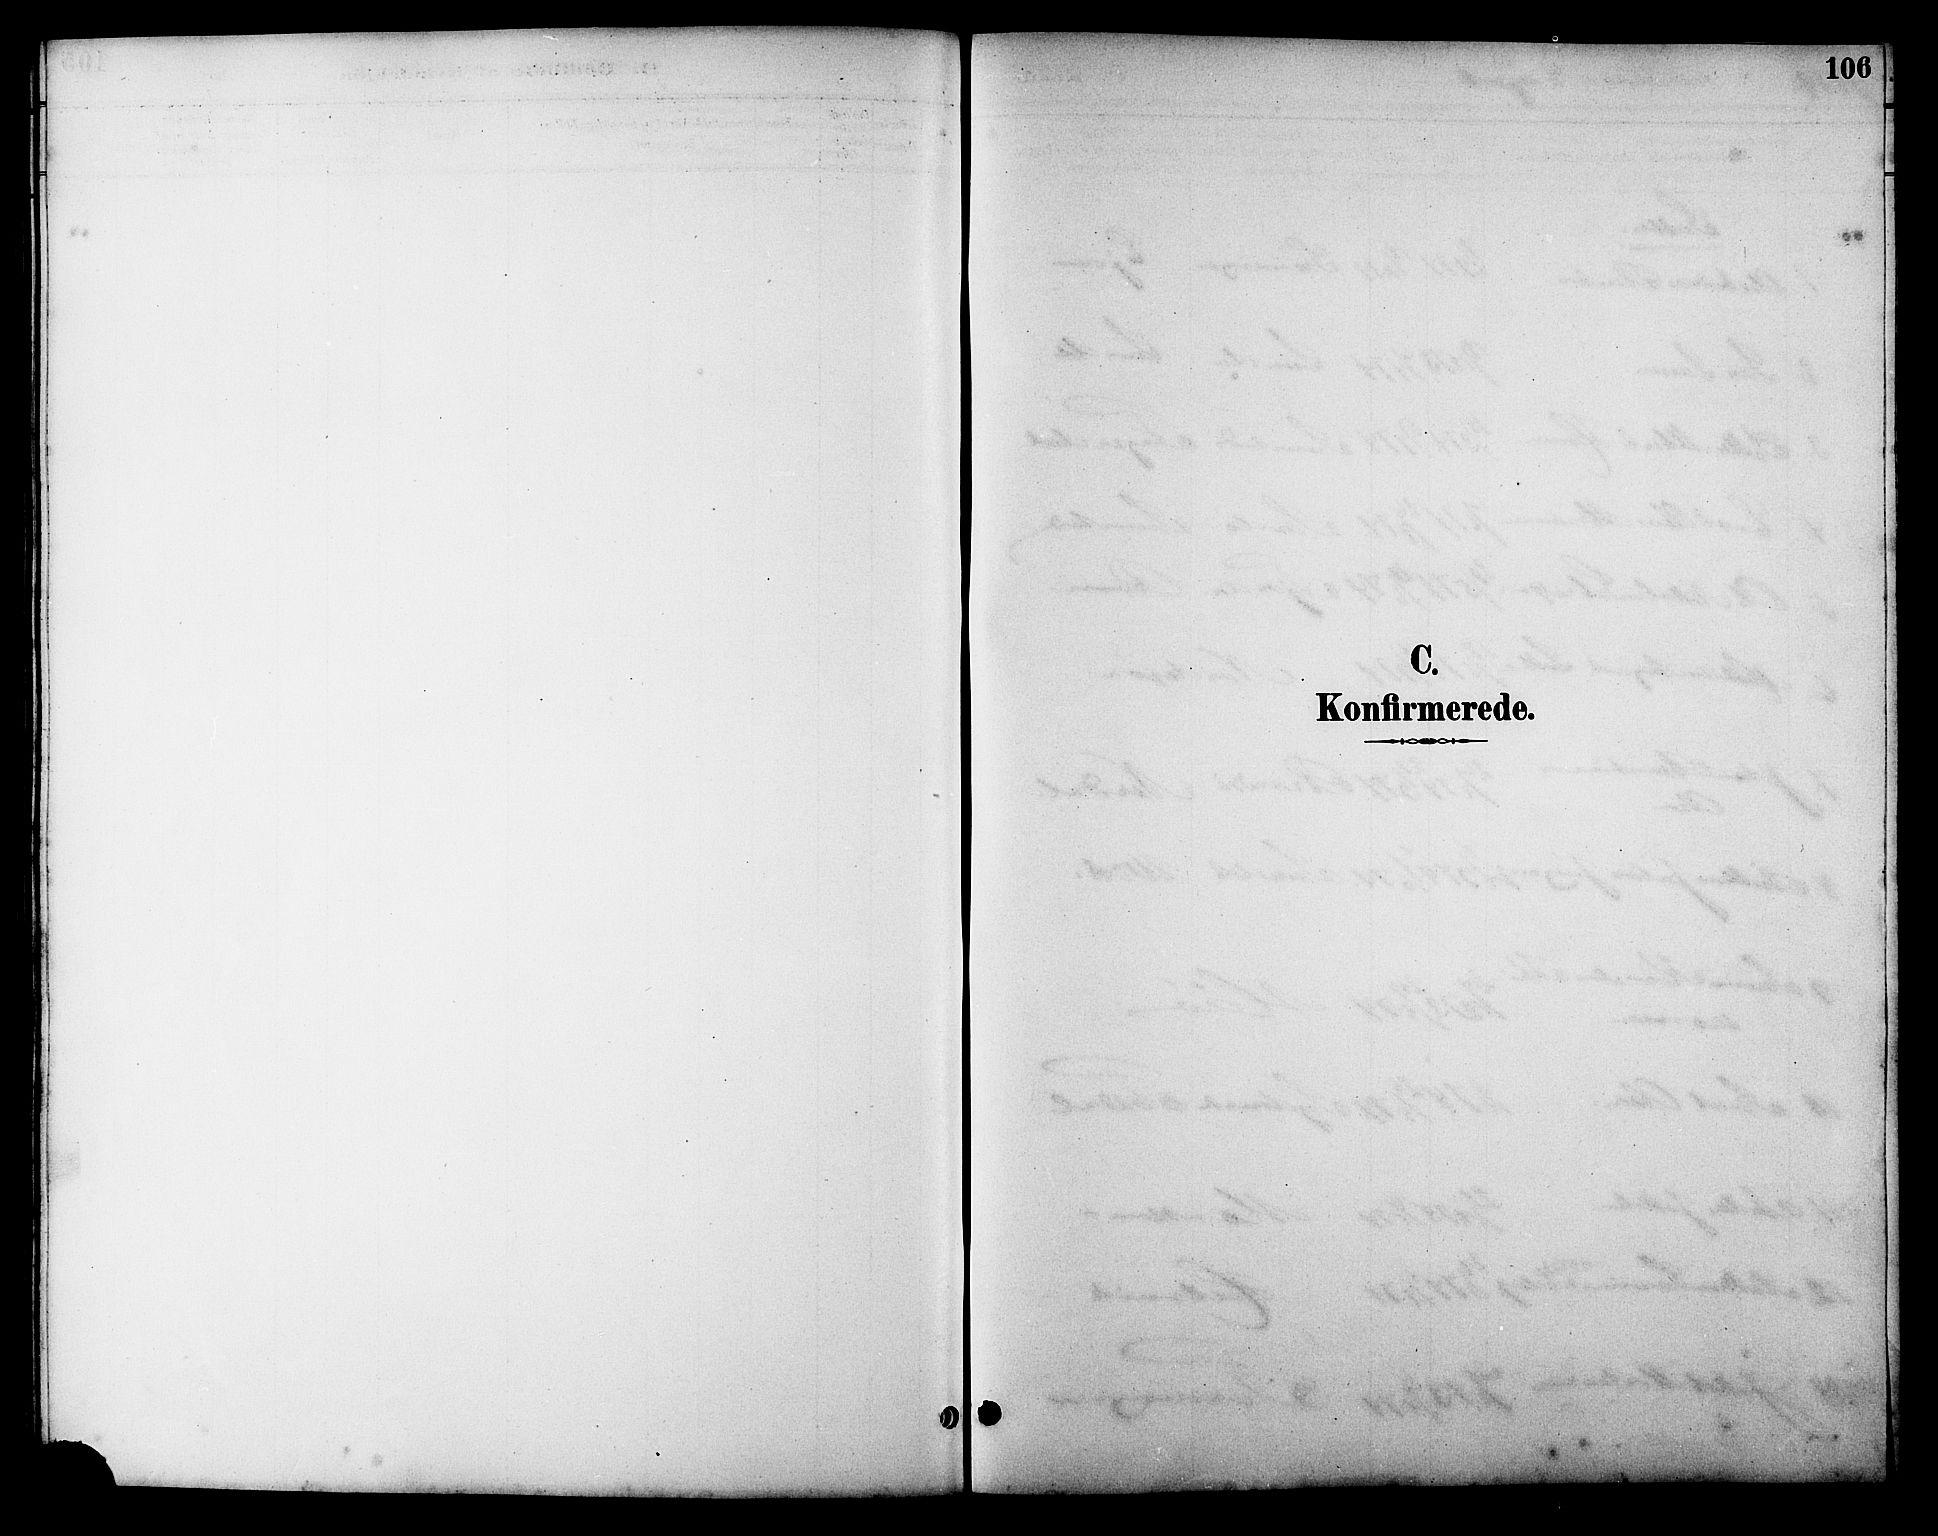 SAT, Ministerialprotokoller, klokkerbøker og fødselsregistre - Sør-Trøndelag, 657/L0716: Klokkerbok nr. 657C03, 1889-1904, s. 106